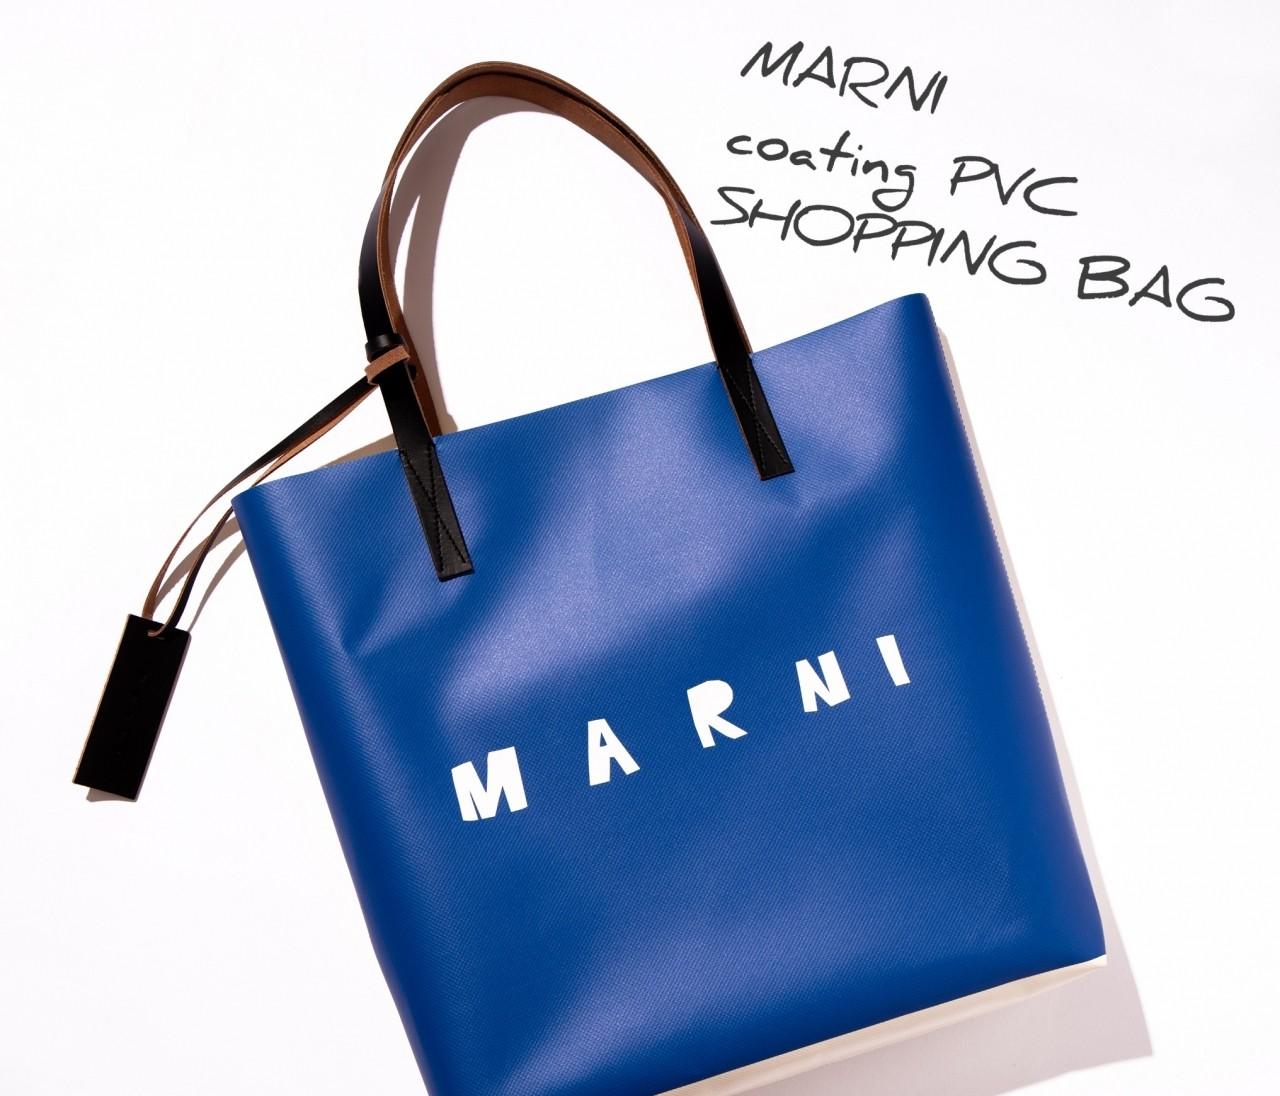 MARNI【マルニ】PVCショッピングバッグが新しい日常で最強説【エディターのおうち私物#196】